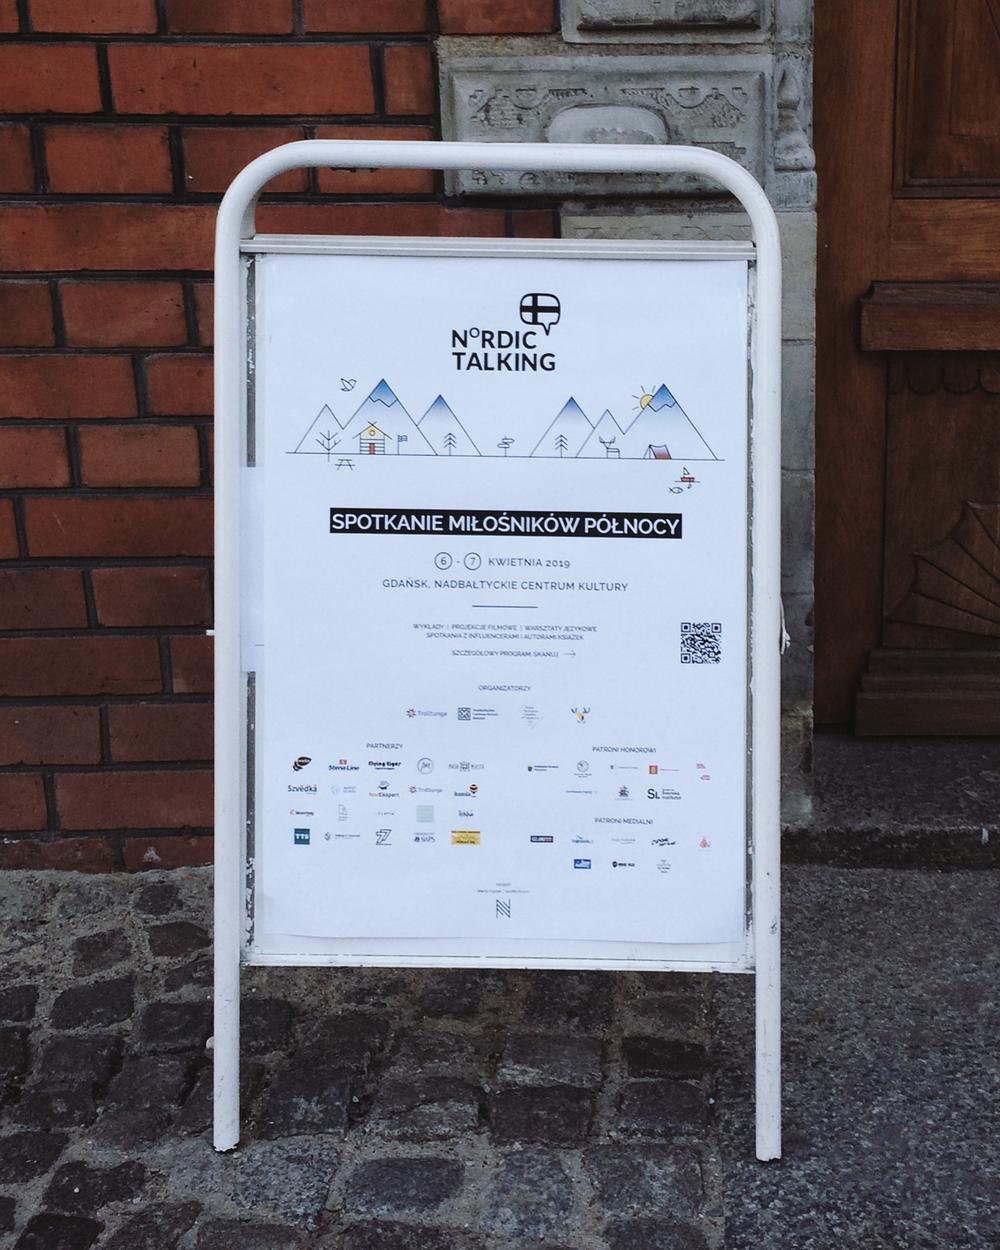 Nordic Talking 2019